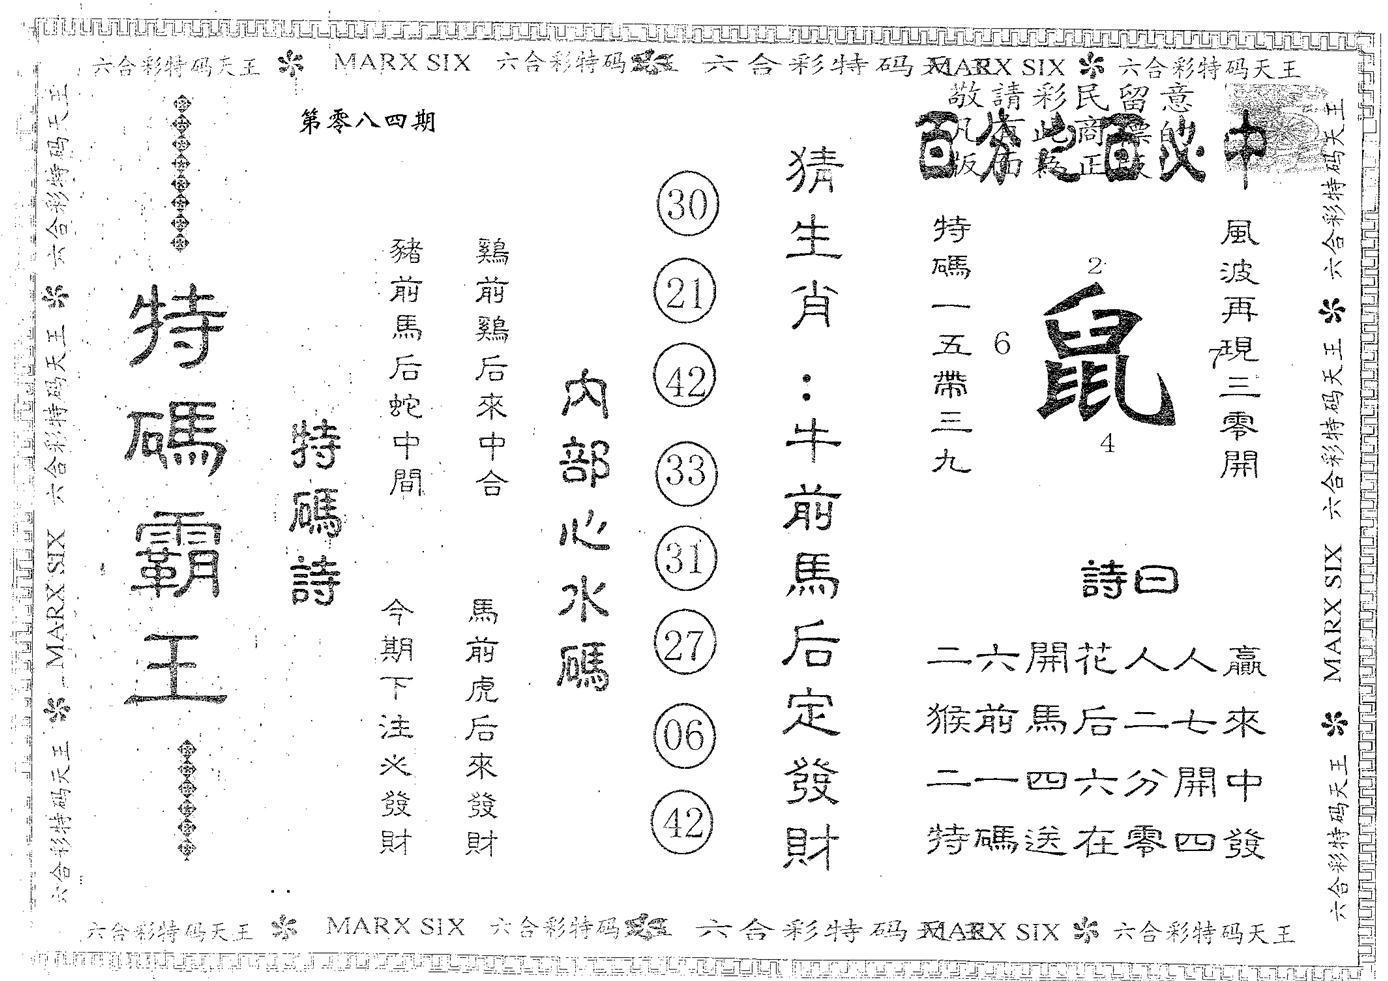 084期特码霸王A(黑白)